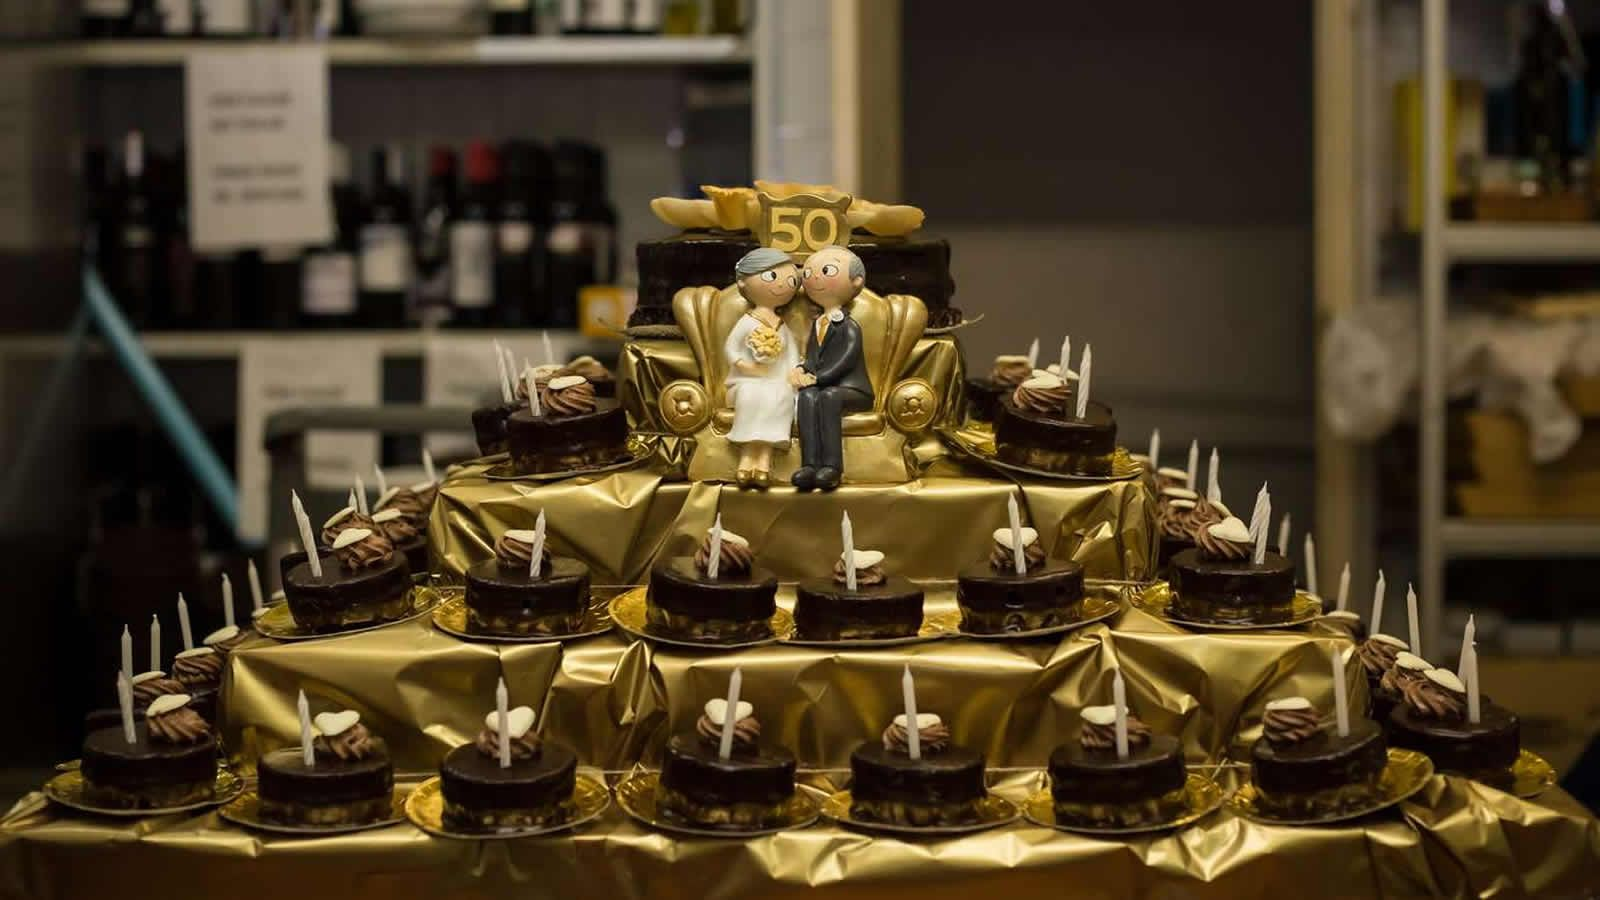 Celebraciones aniversario, bodas, bautizos ... al Hotel Carlos III en Alcanar - San Carlos de la Rápita - Delta del Ebro